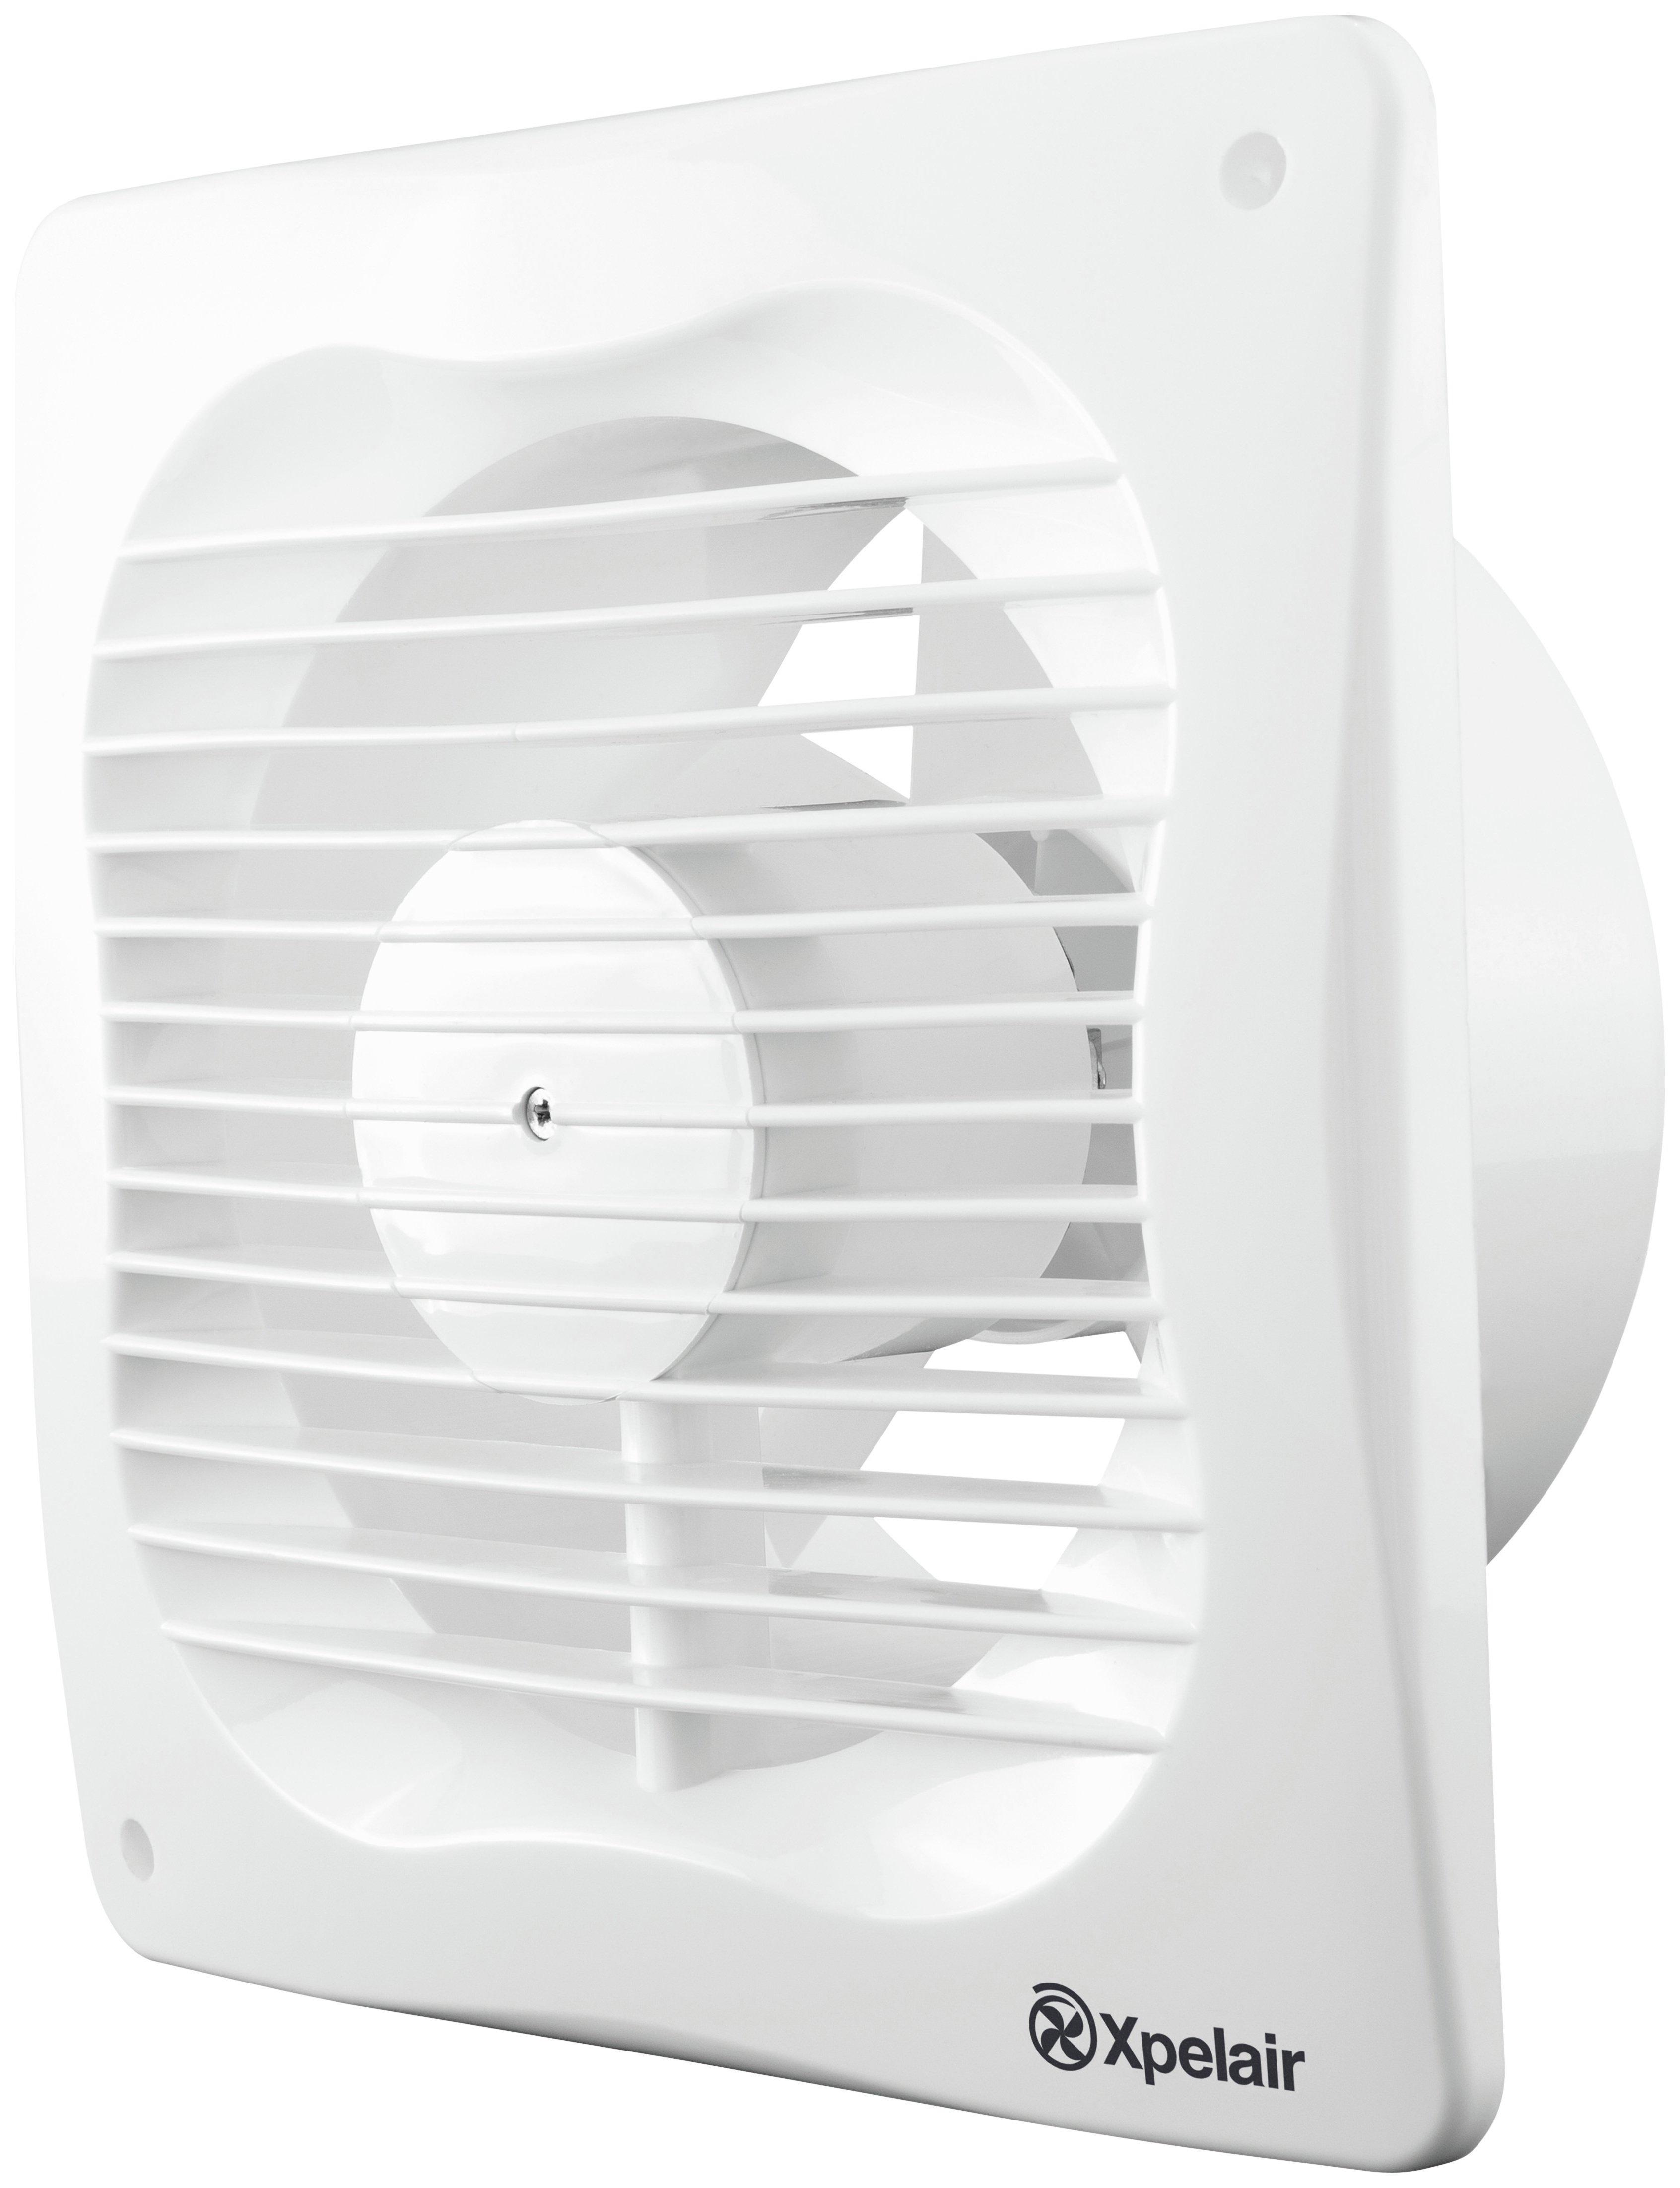 Xpelair VX100 Standard Bathroom Fan.